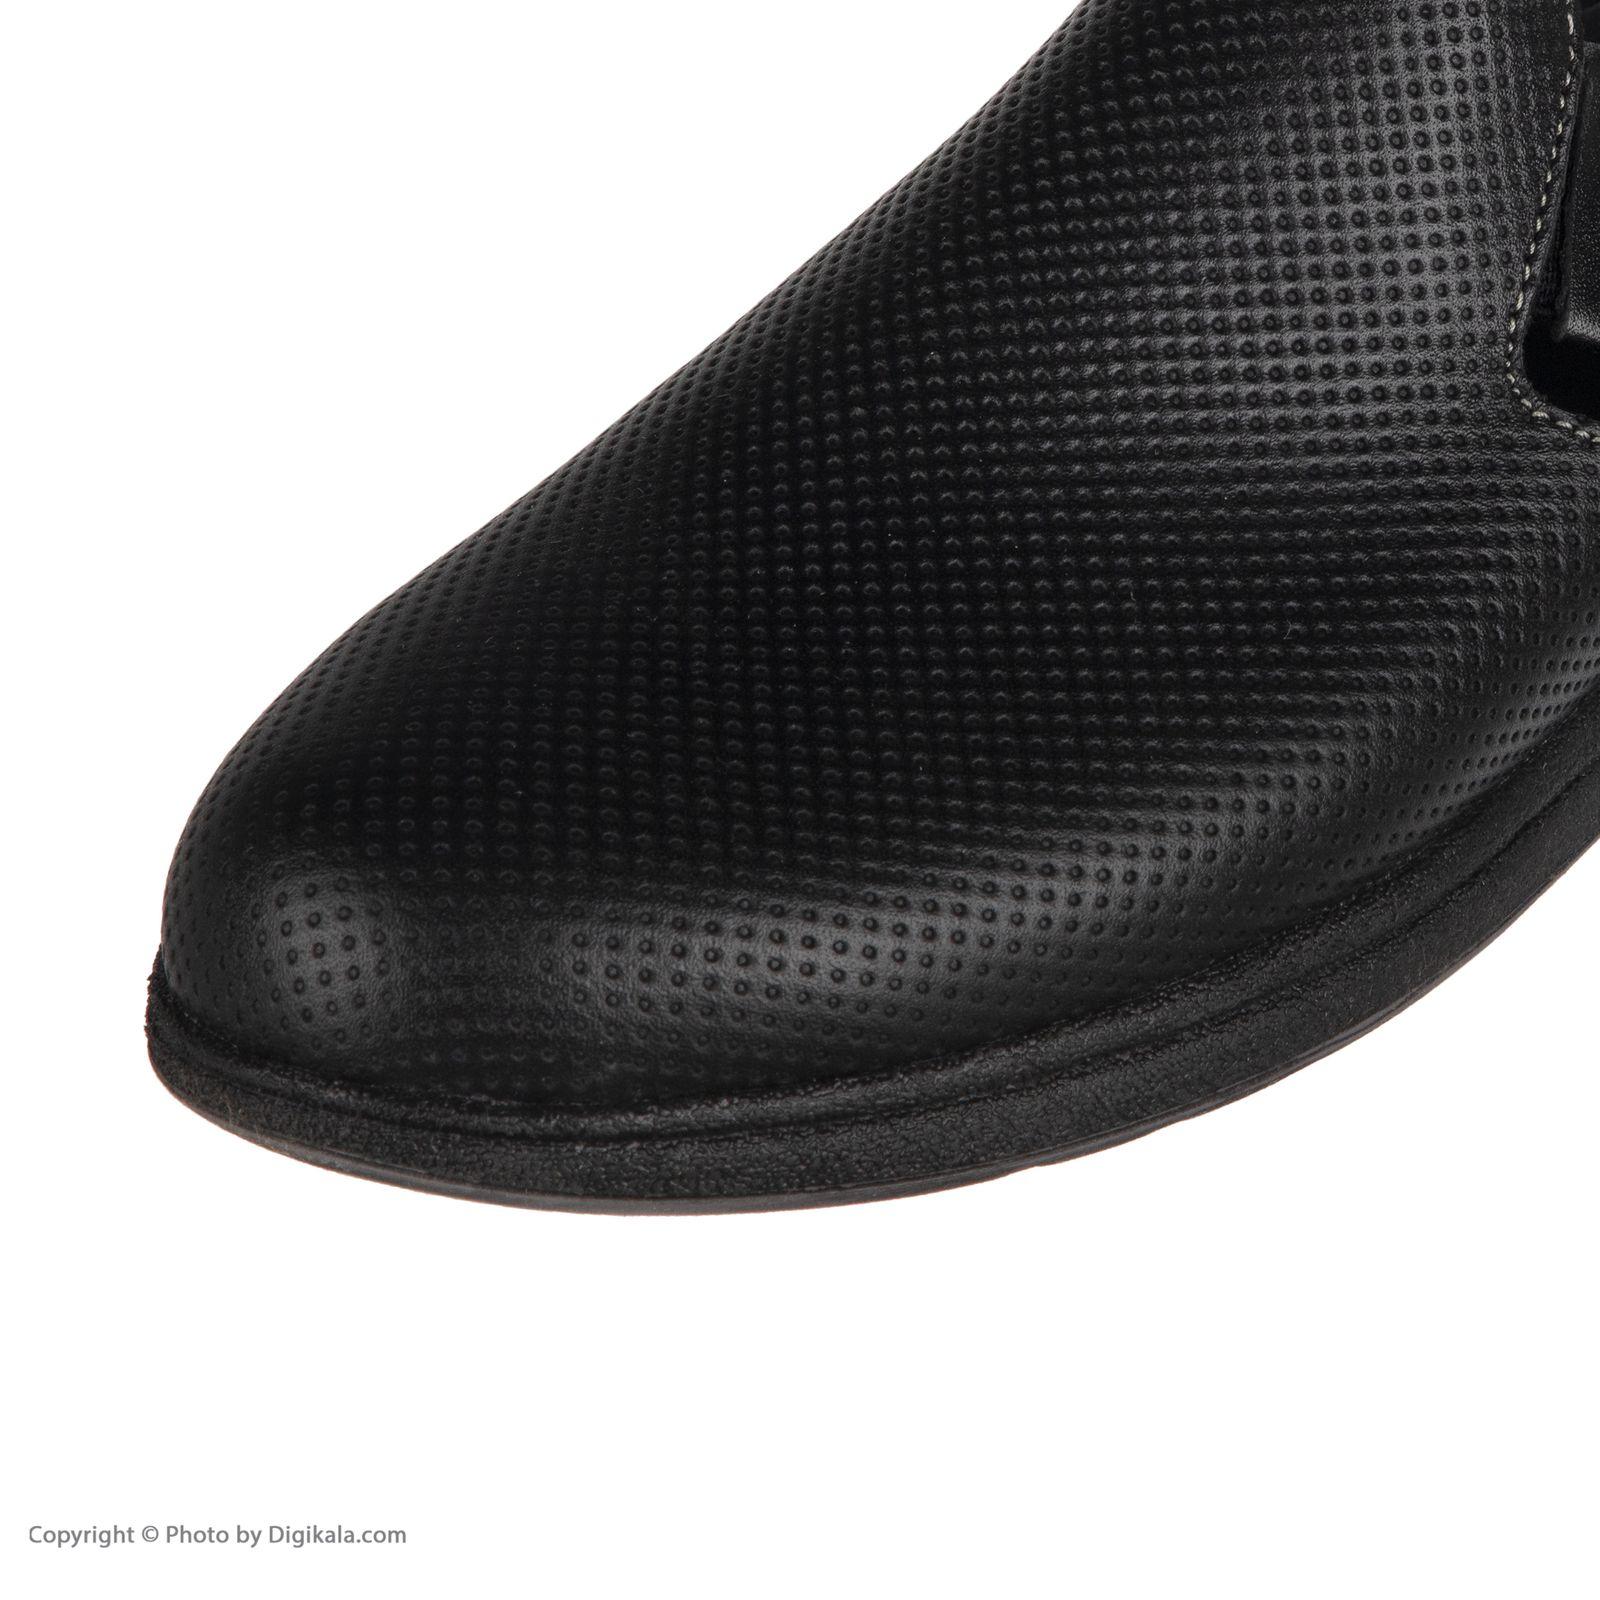 کفش روزمره زنانه سوته مدل 2958B500101 -  - 8